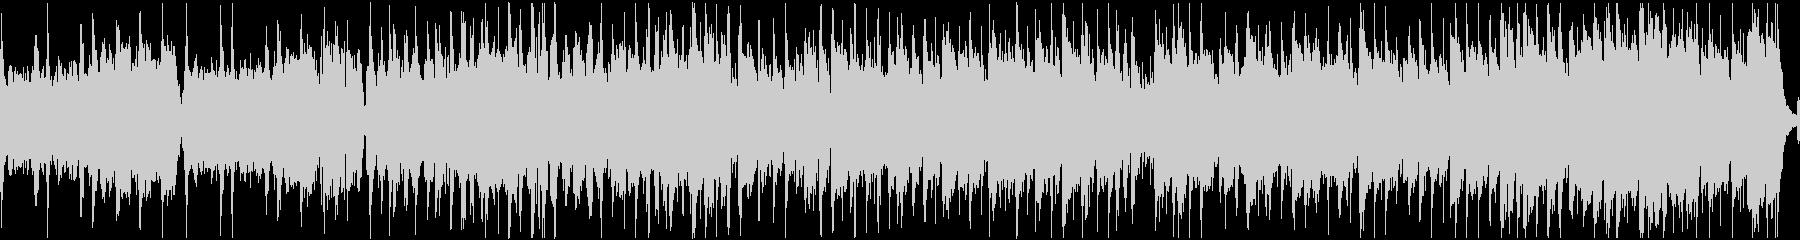 にぎやかなケルト曲(ループ)の未再生の波形